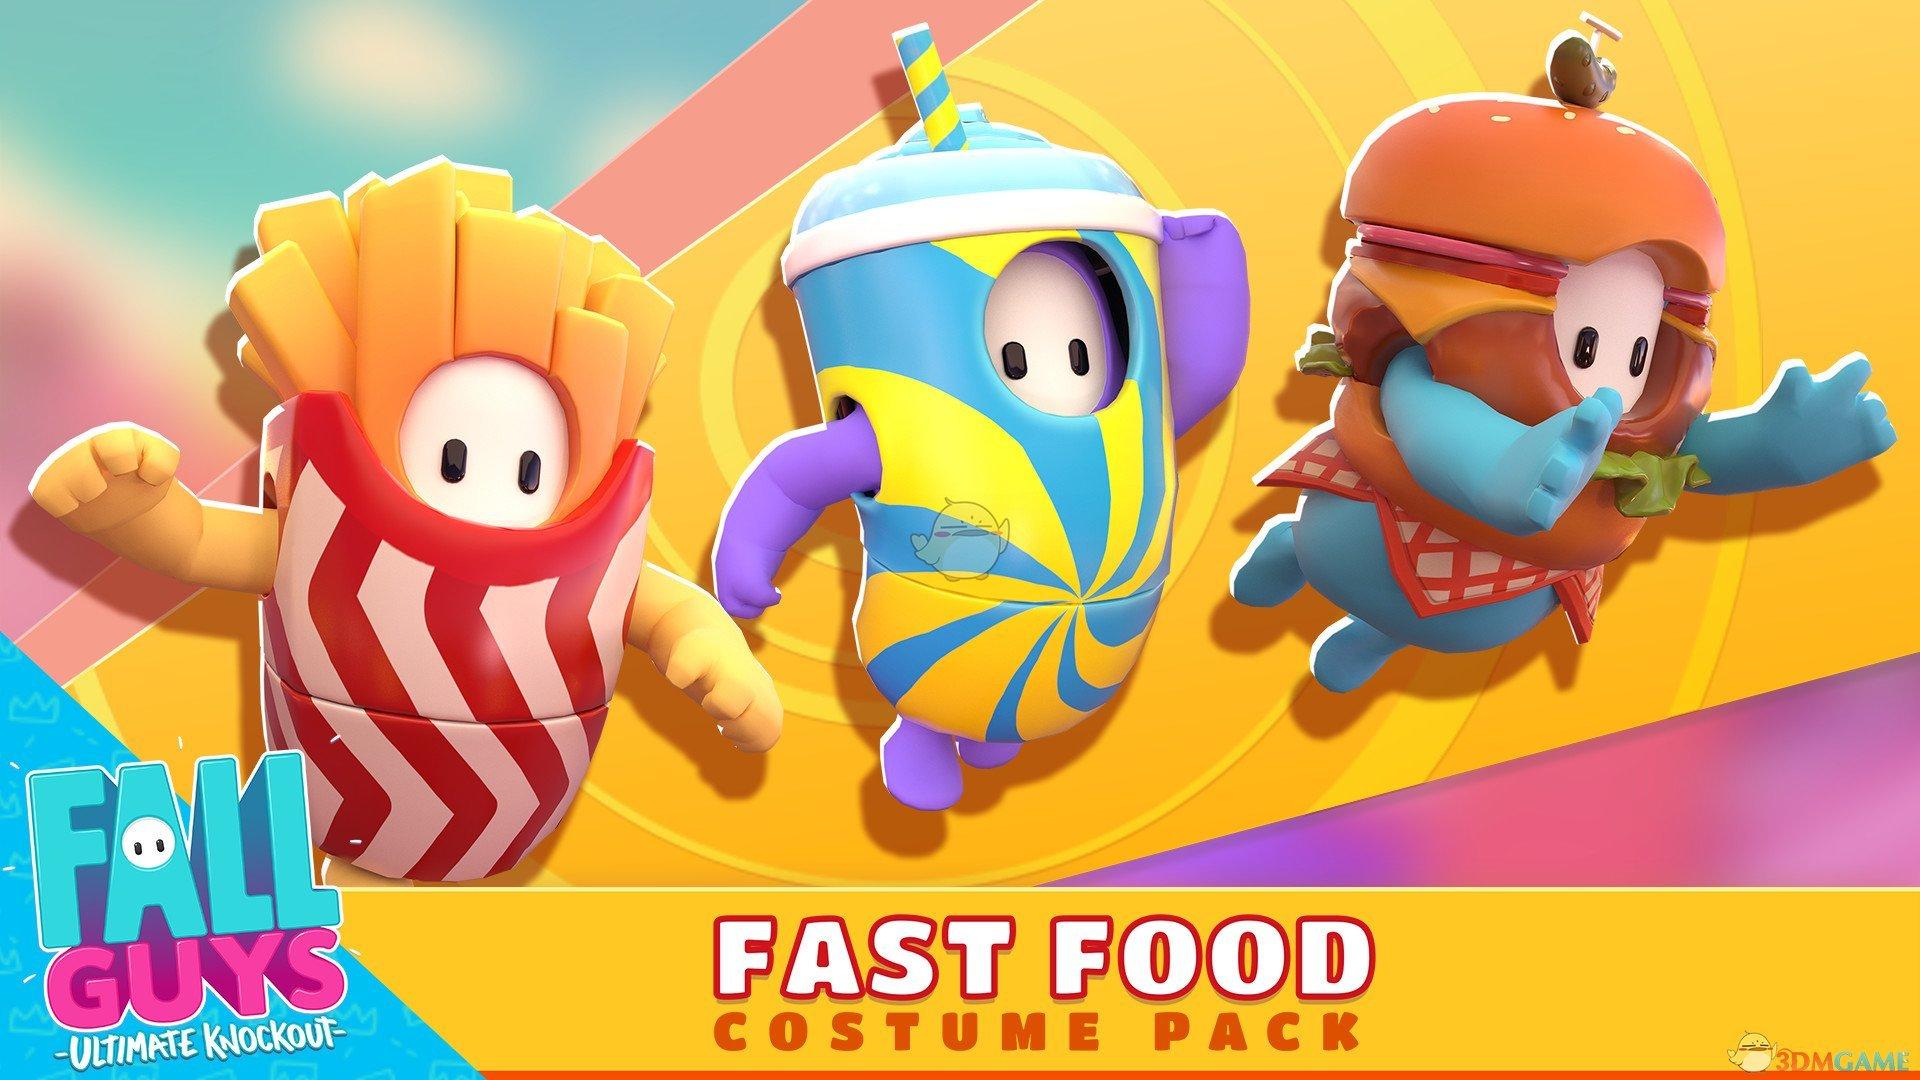 《糖豆人:终极淘汰赛》薯条汉堡可乐套装获得方法介绍